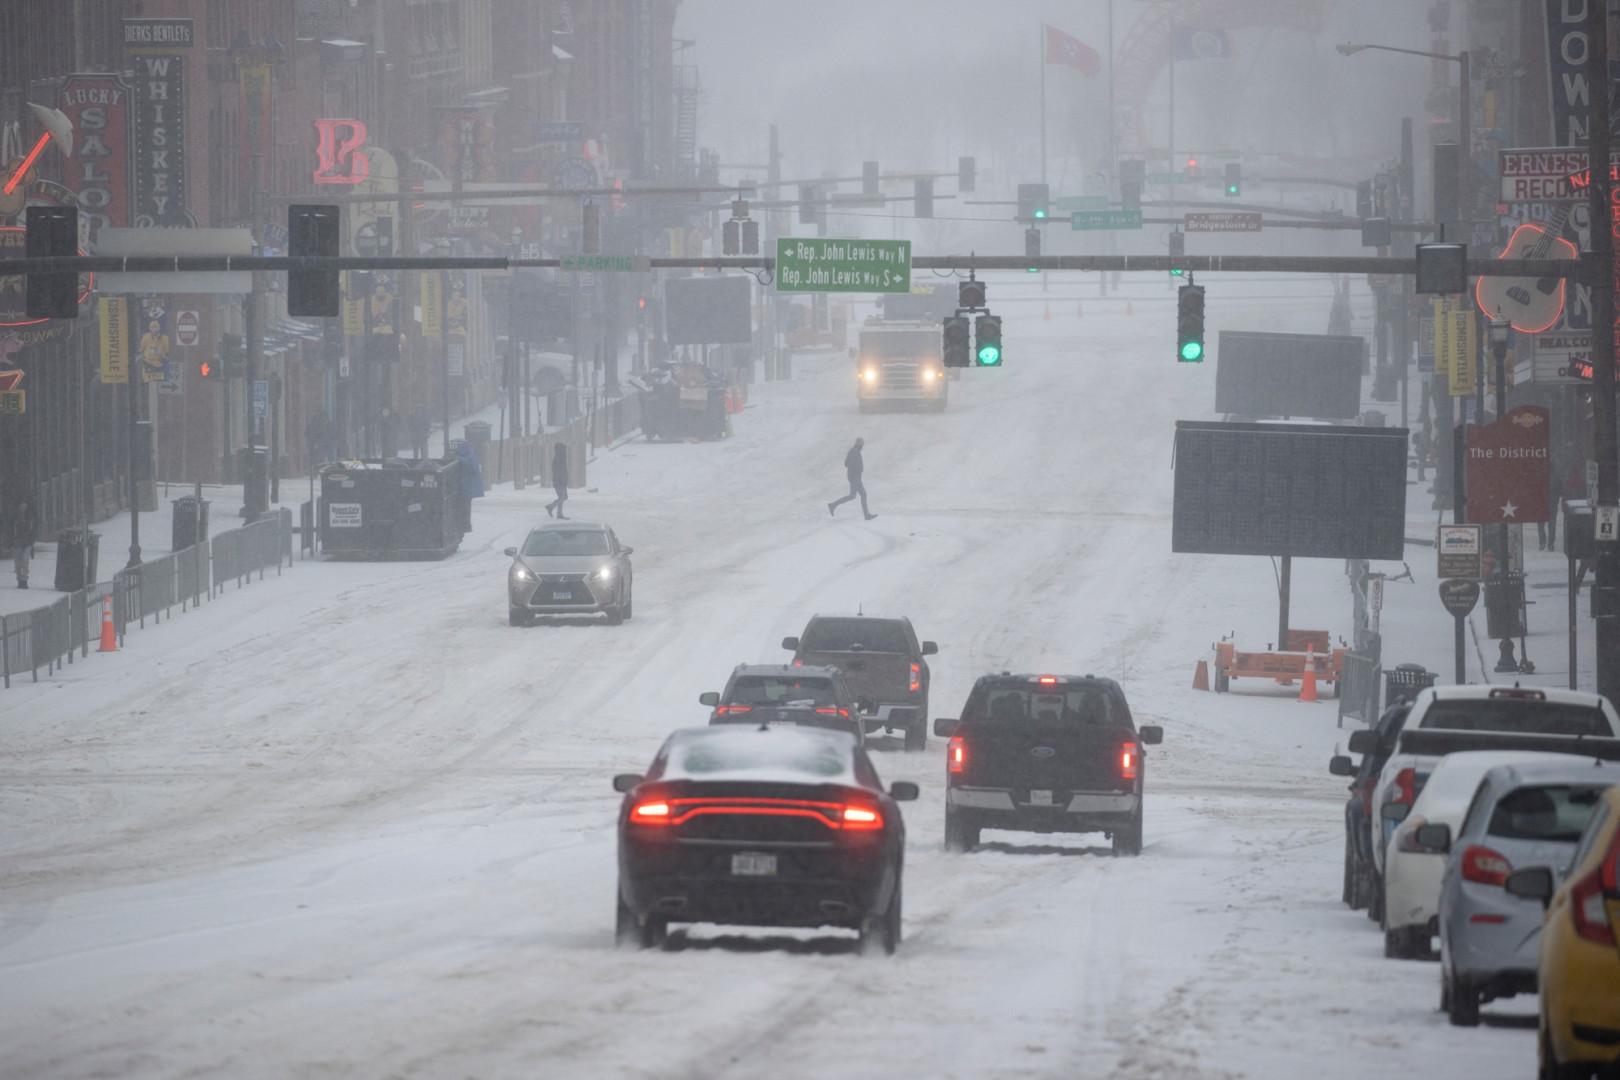 Neige et glace dans une rue de Nashville, Tennessee, le 15 février 2021